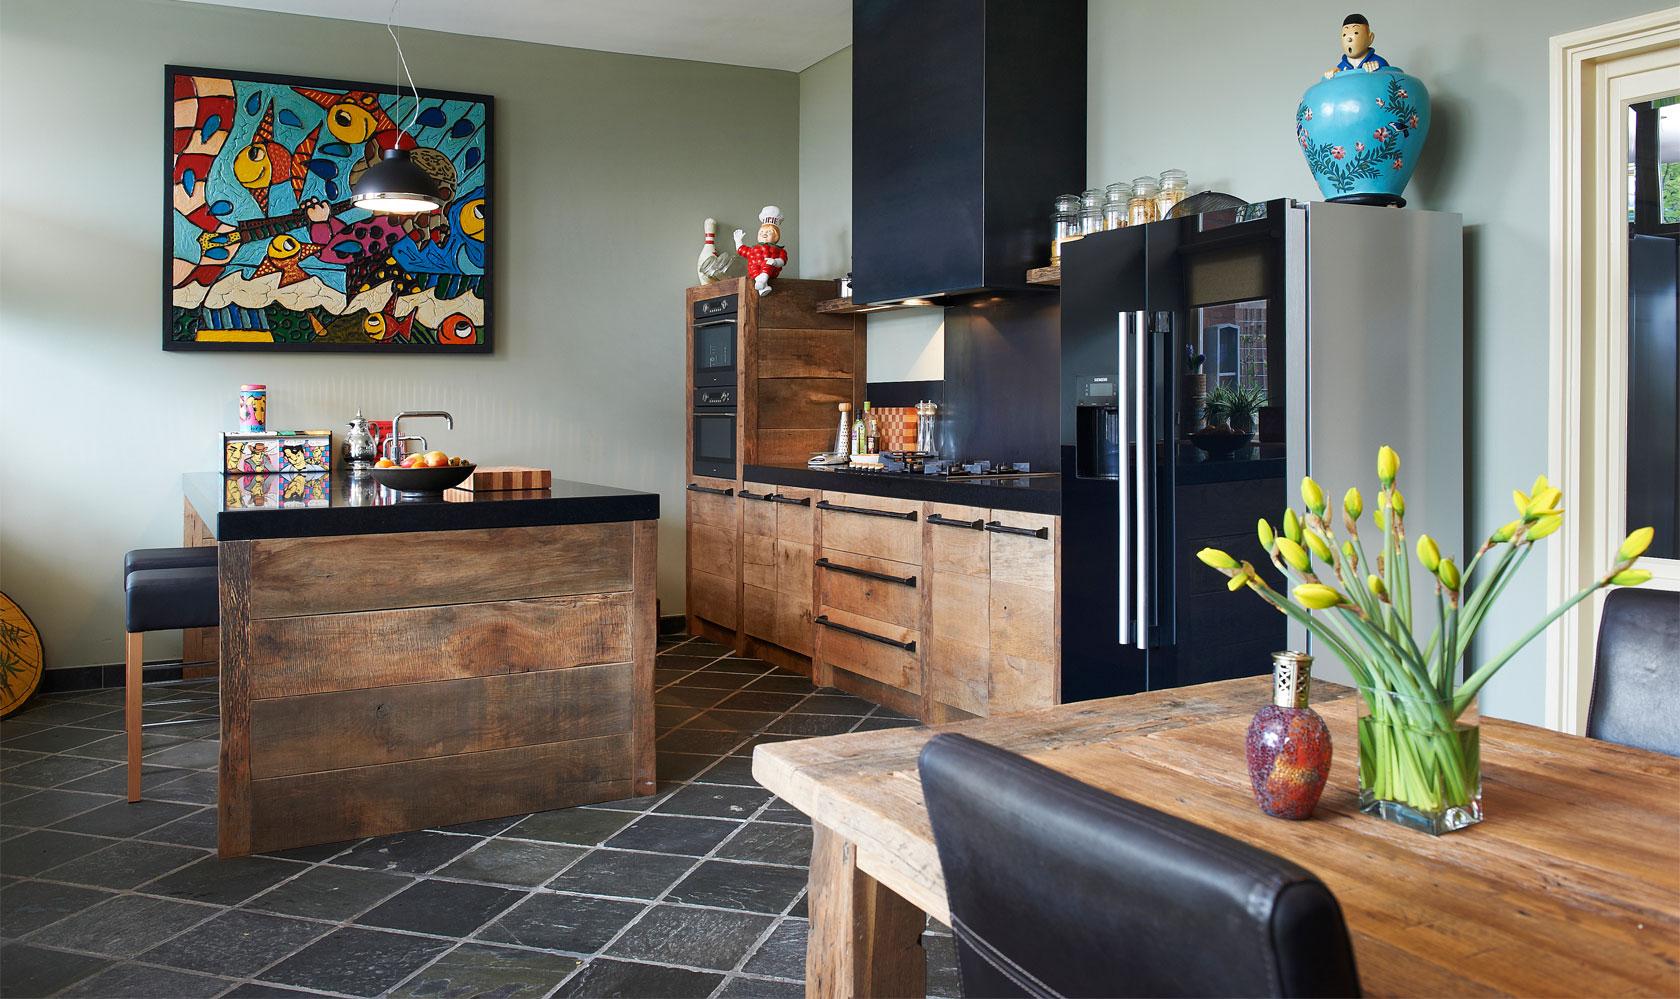 Houten leefkeuken met keukeneiland en bar van ruw eikenhout via RestyleXL #keuken #restylexl #houtenkeuken